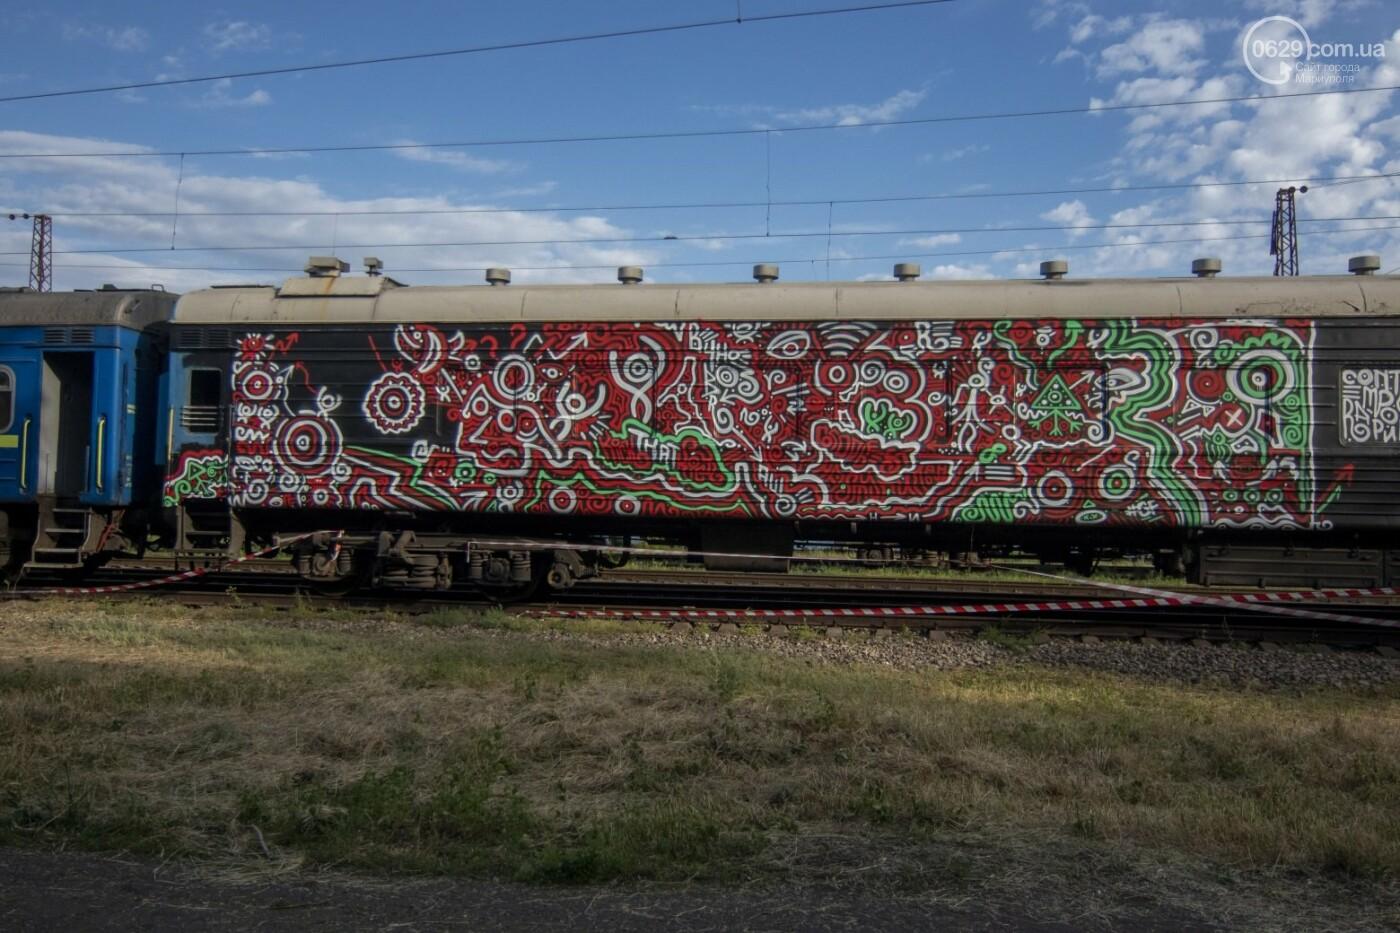 Во что превратили художники старый железнодорожный состав в Мариуполе. 33 фотографии! , фото-5